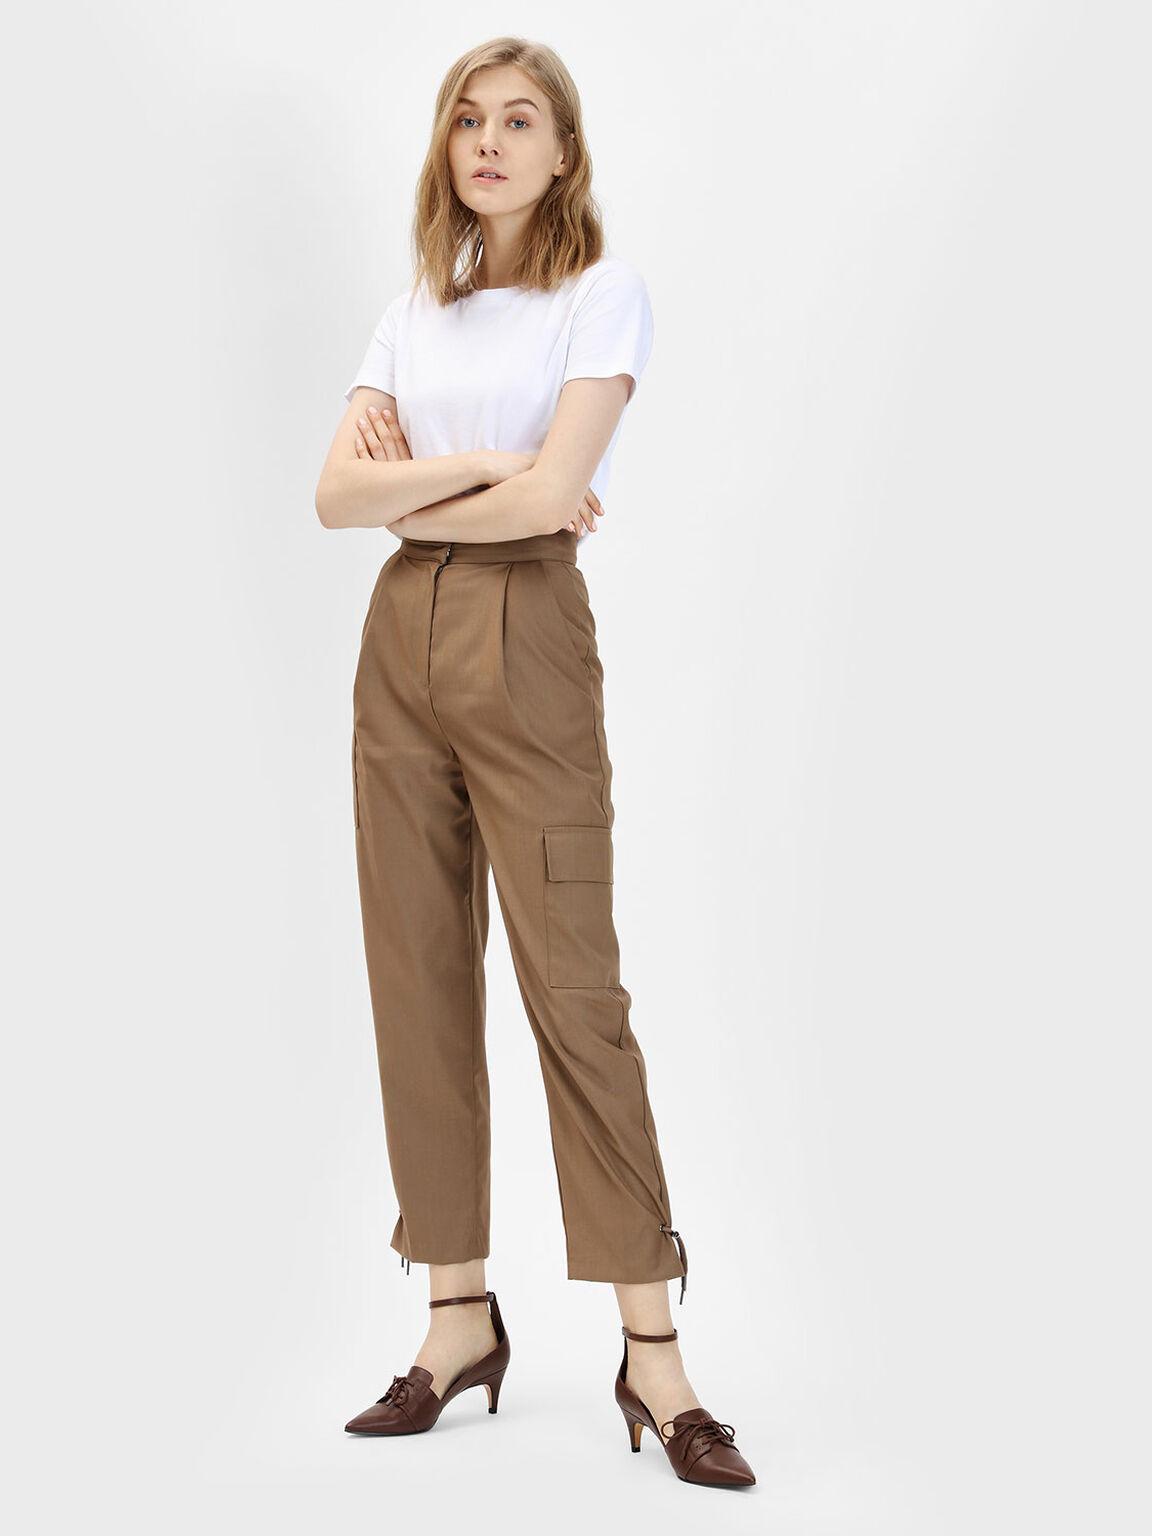 Ankle Strap Pointed Heels, Brown, hi-res